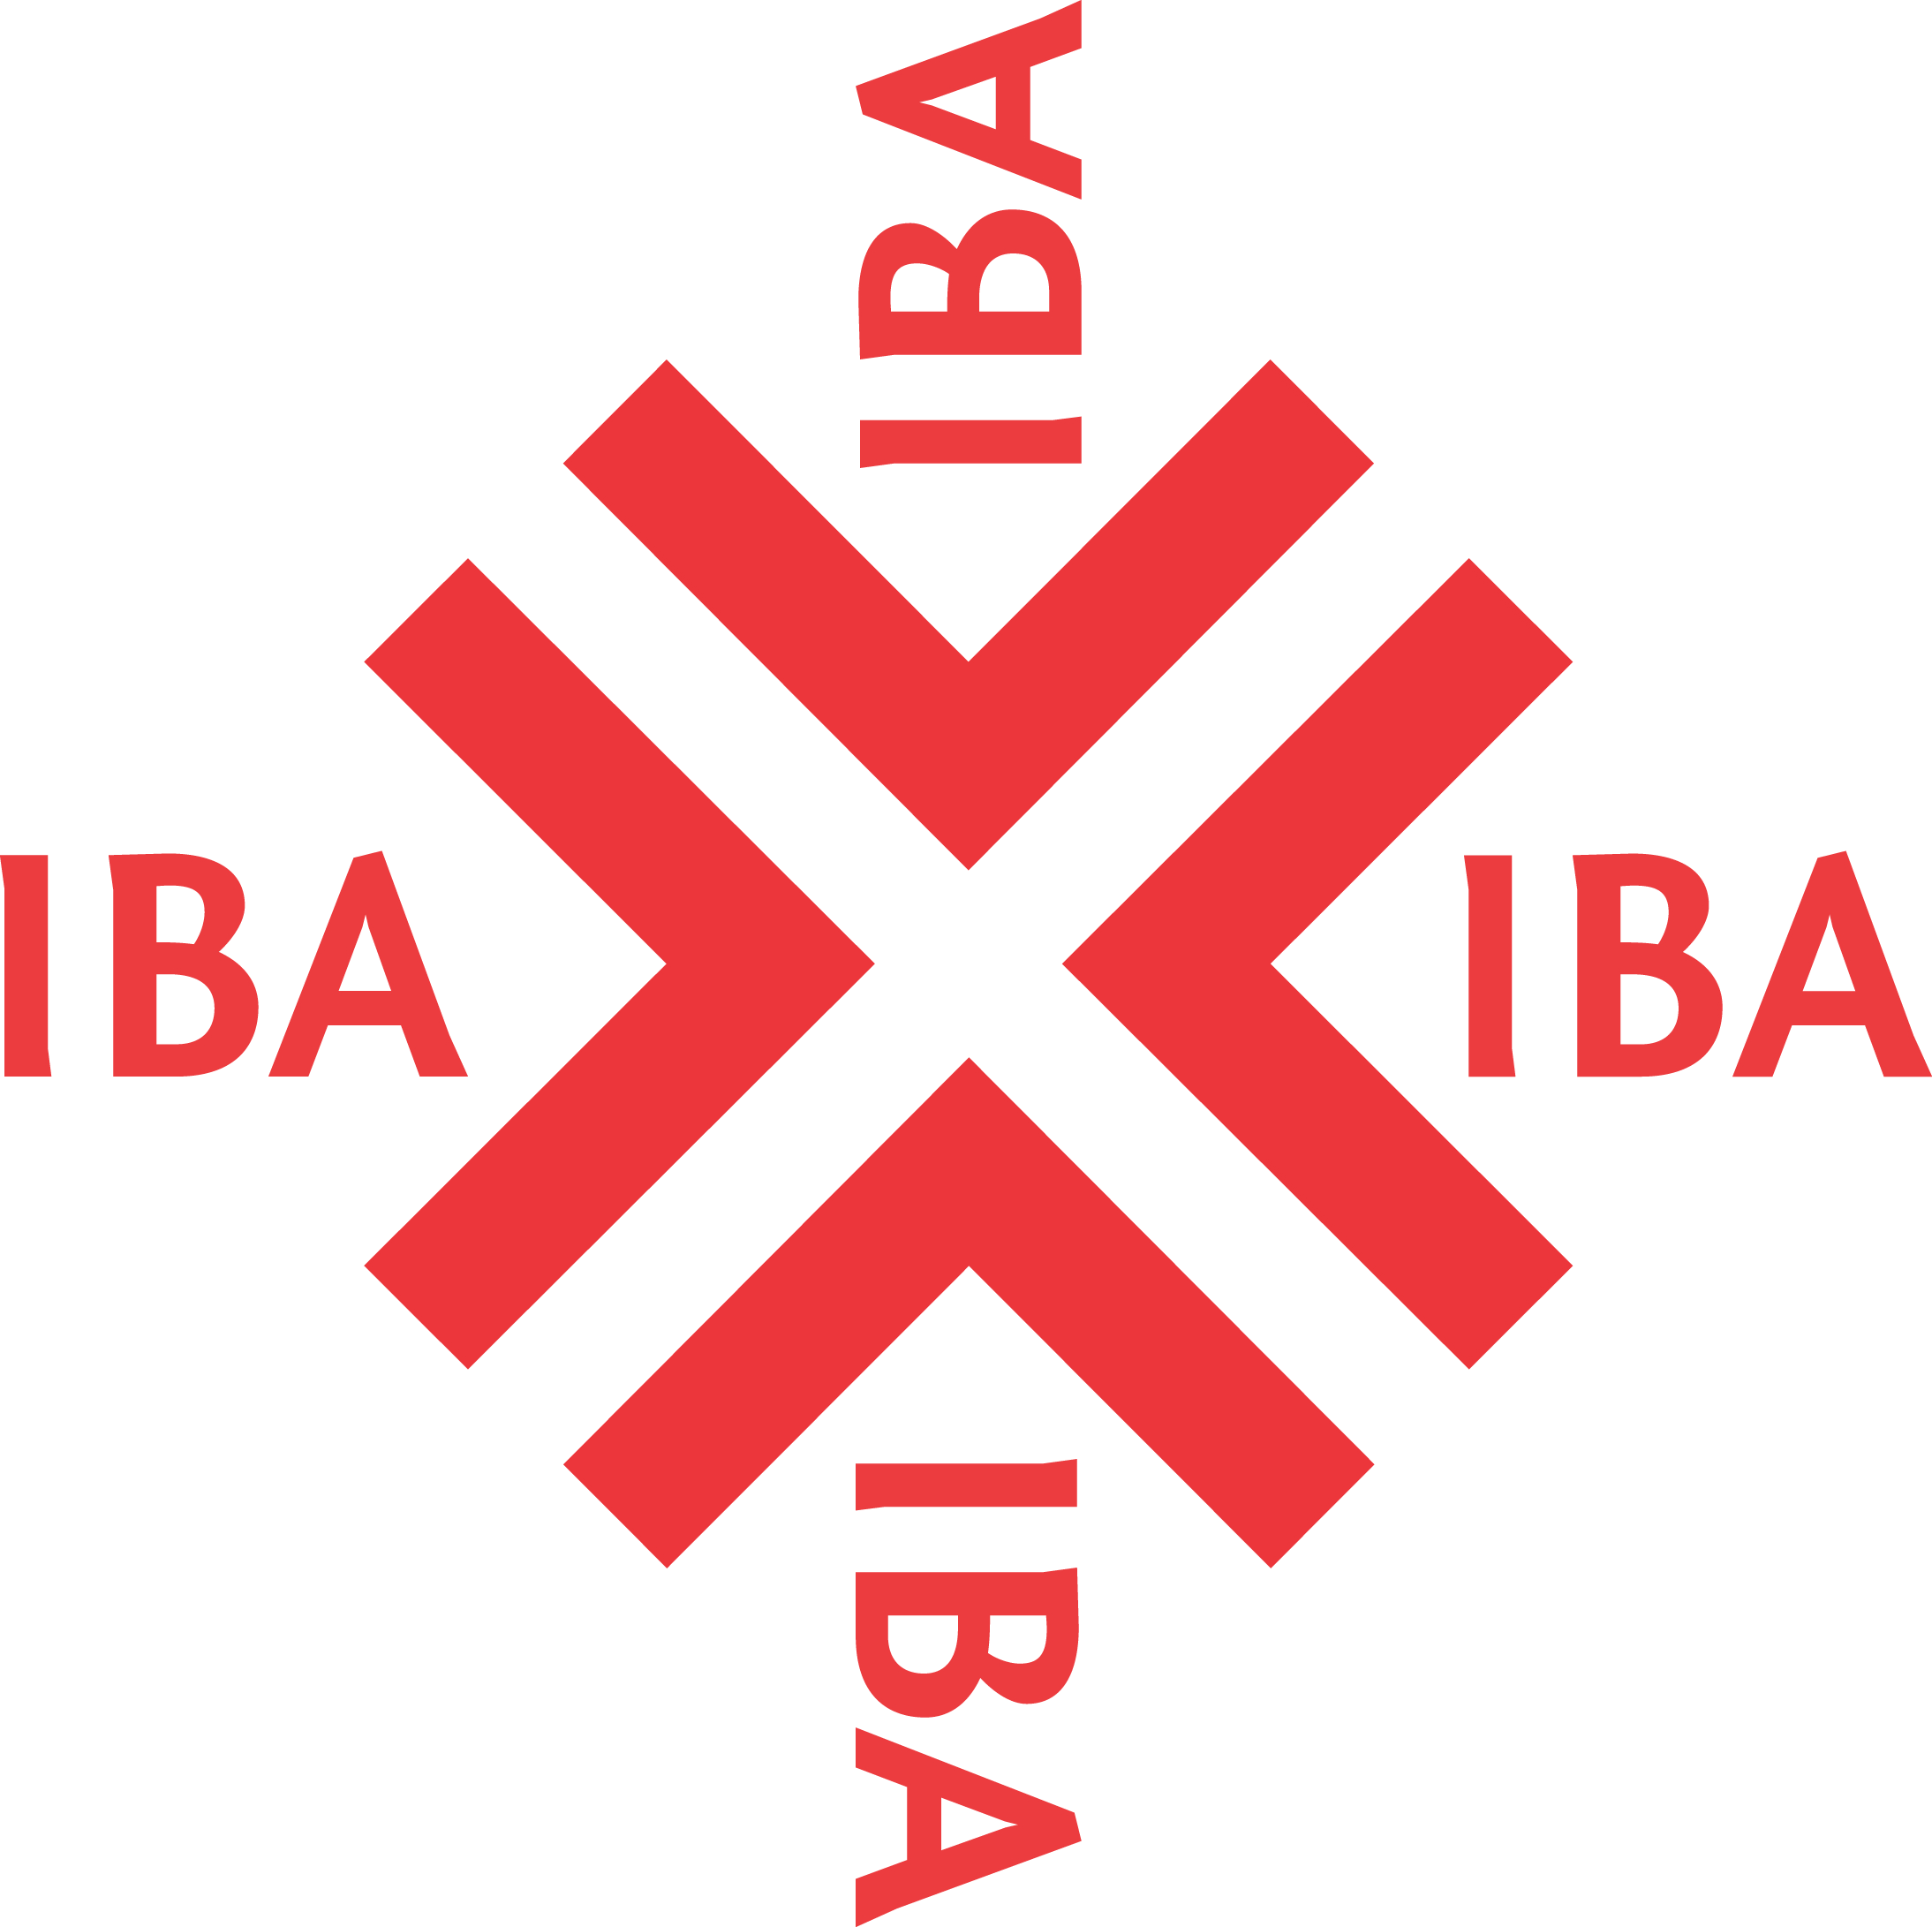 IBA_logo_2013.png